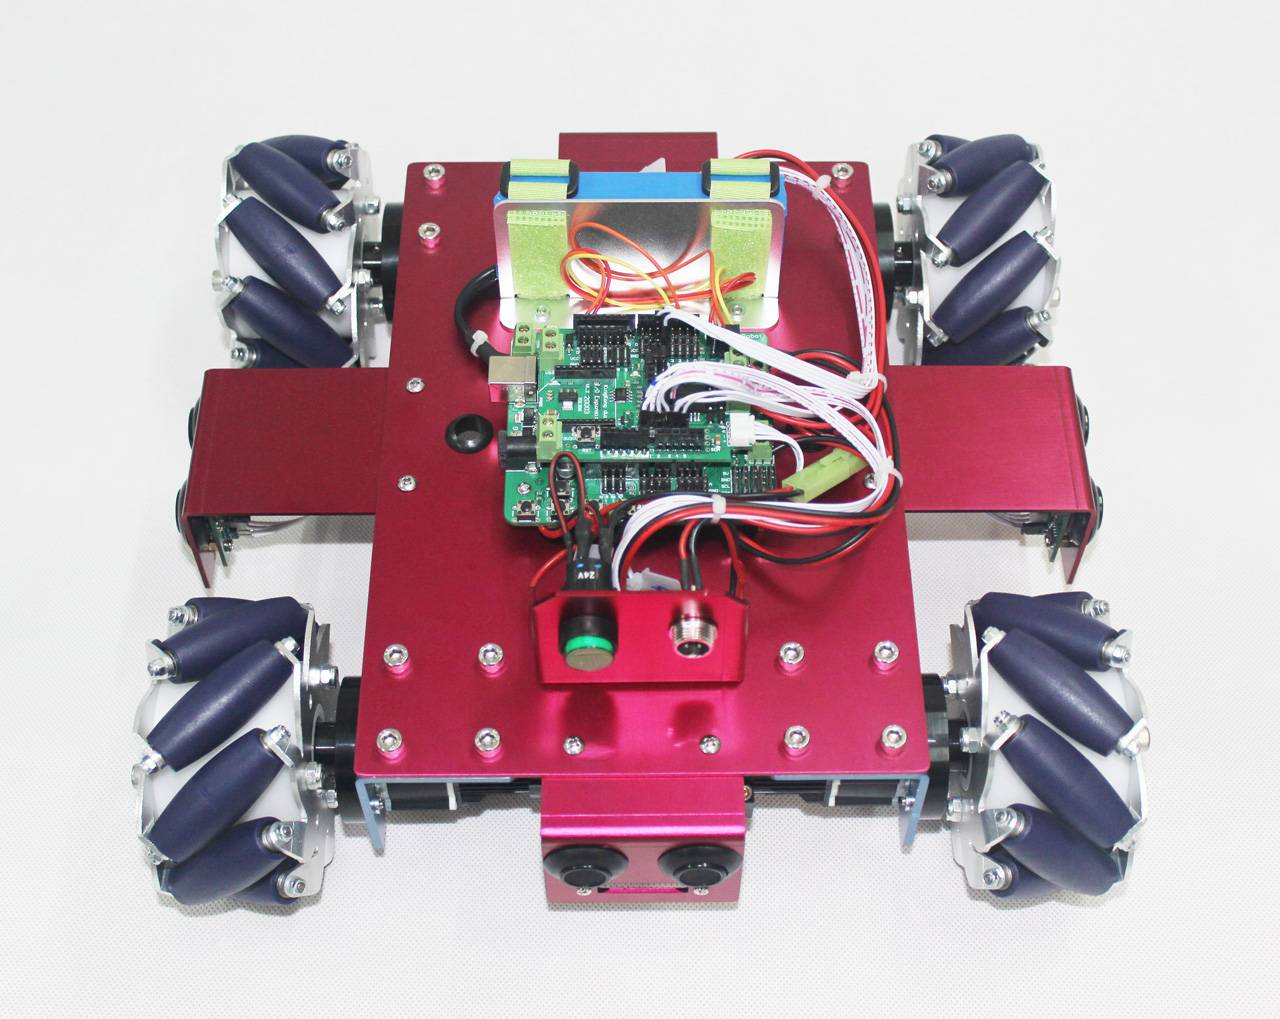 4WD Mecanum Wheel Beginner Mobile Robot Kit